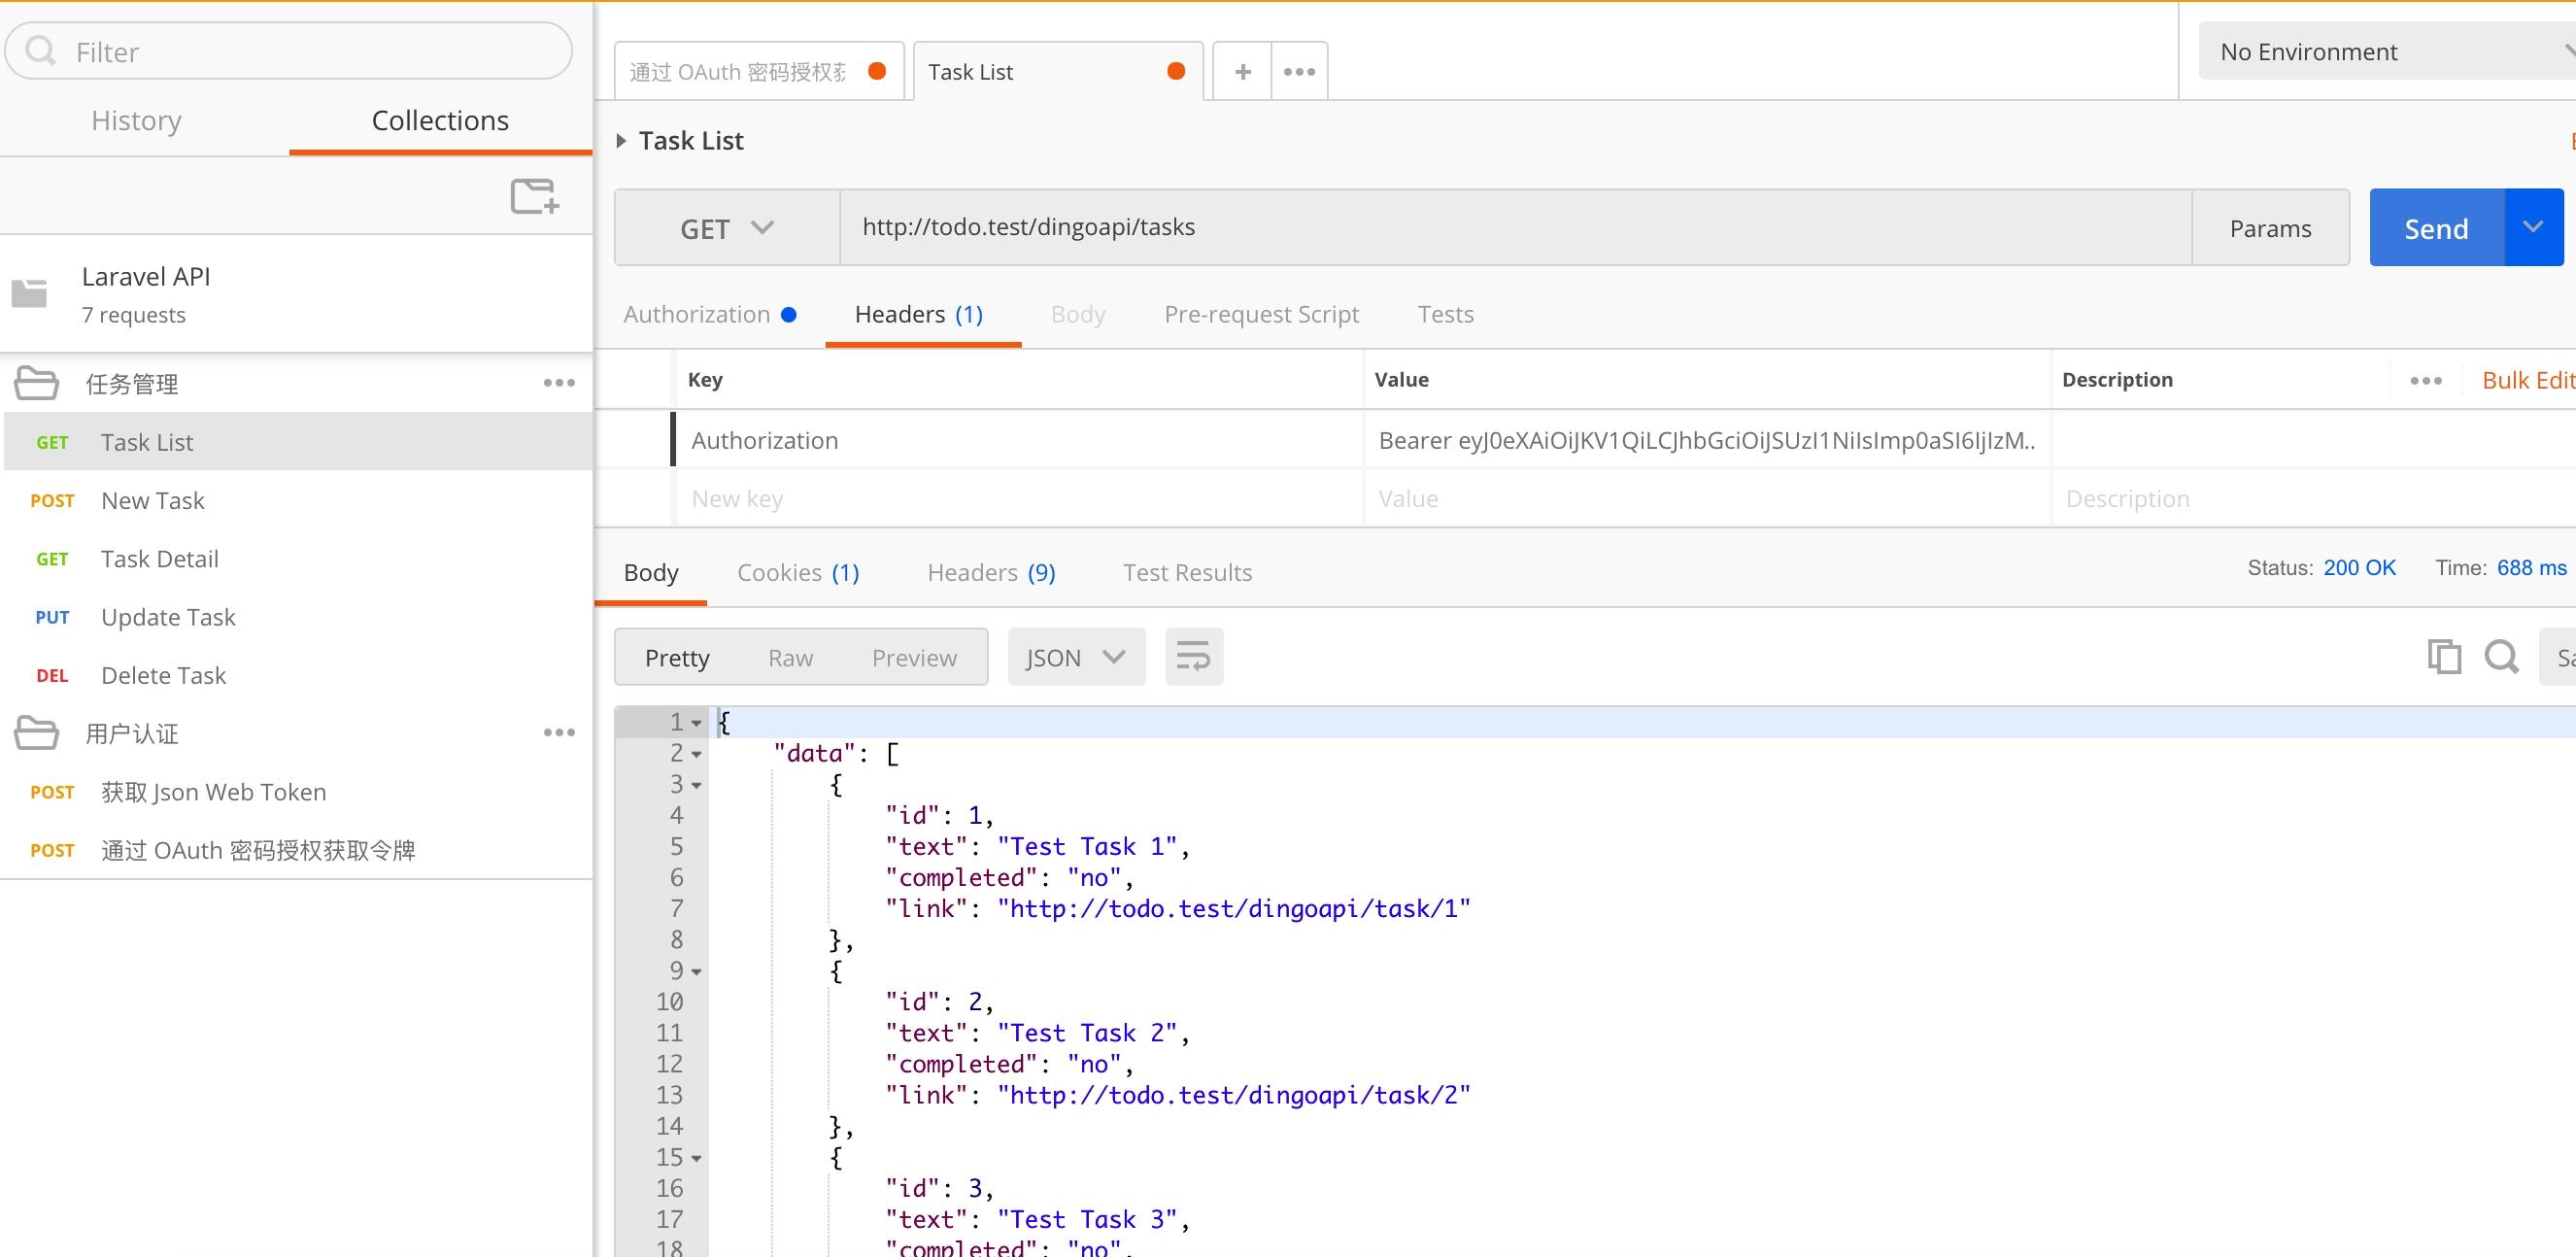 Postman 导入 Collection 测试 API 接口